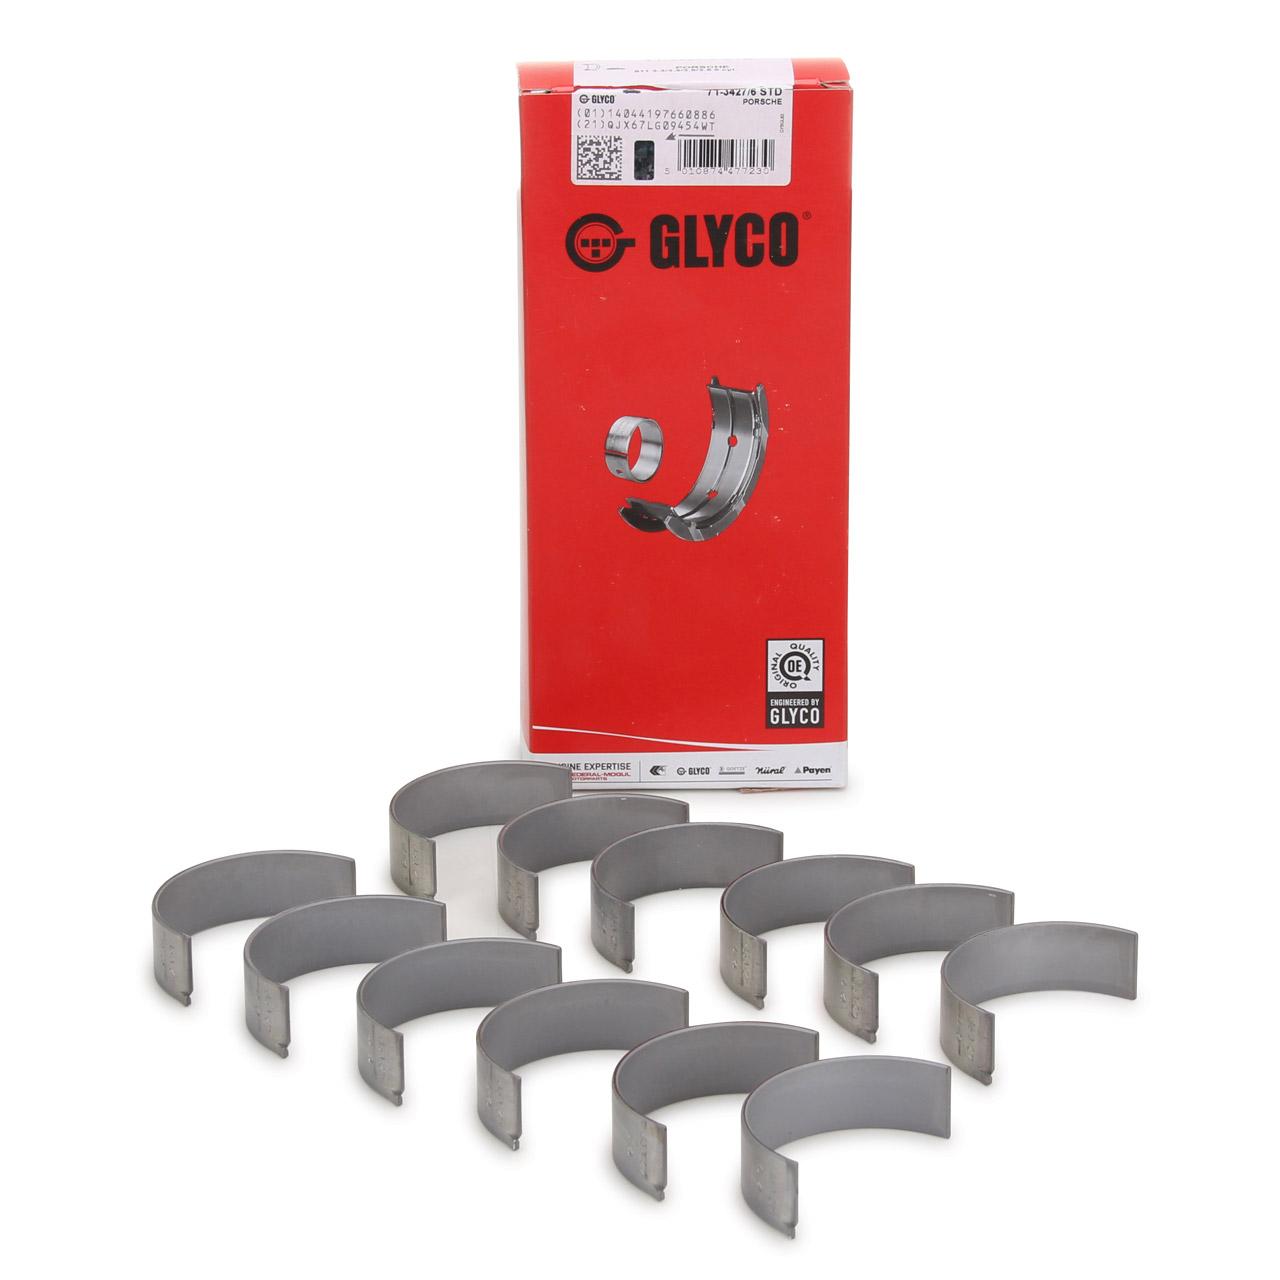 GLYCO 71-3427/6 STD Pleuellager Satz PORSCHE 911 3.2 3.3 + 964 3.6 Carrera / RS